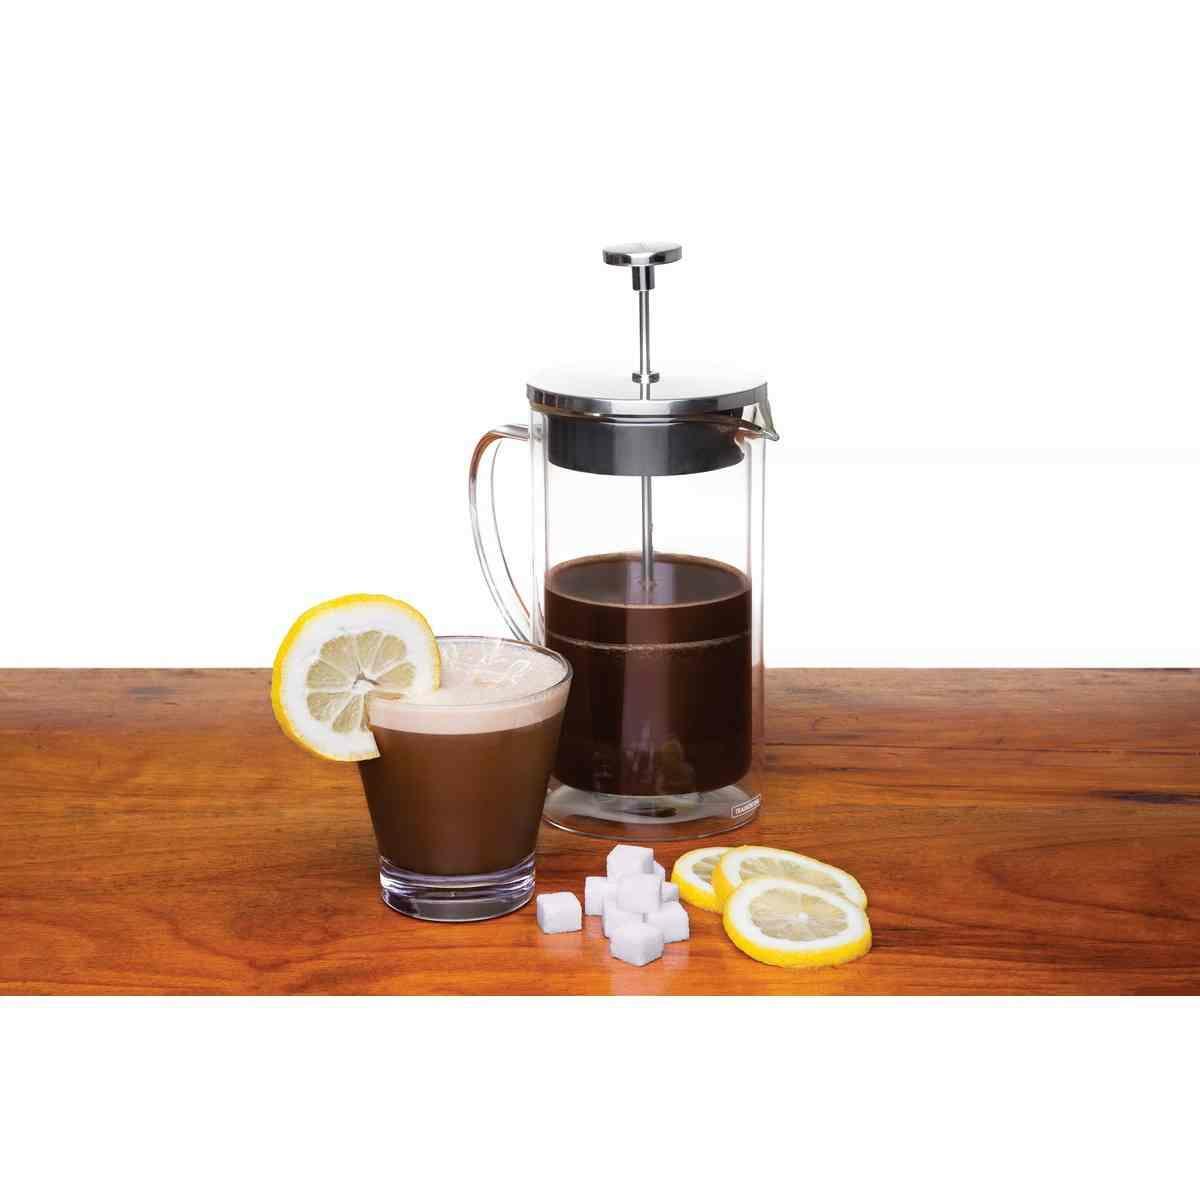 Prensa Francesa Tramontina para Café em Vidro Duplo e Aço Inox 8 cm 420 ml Tramontina 61766080